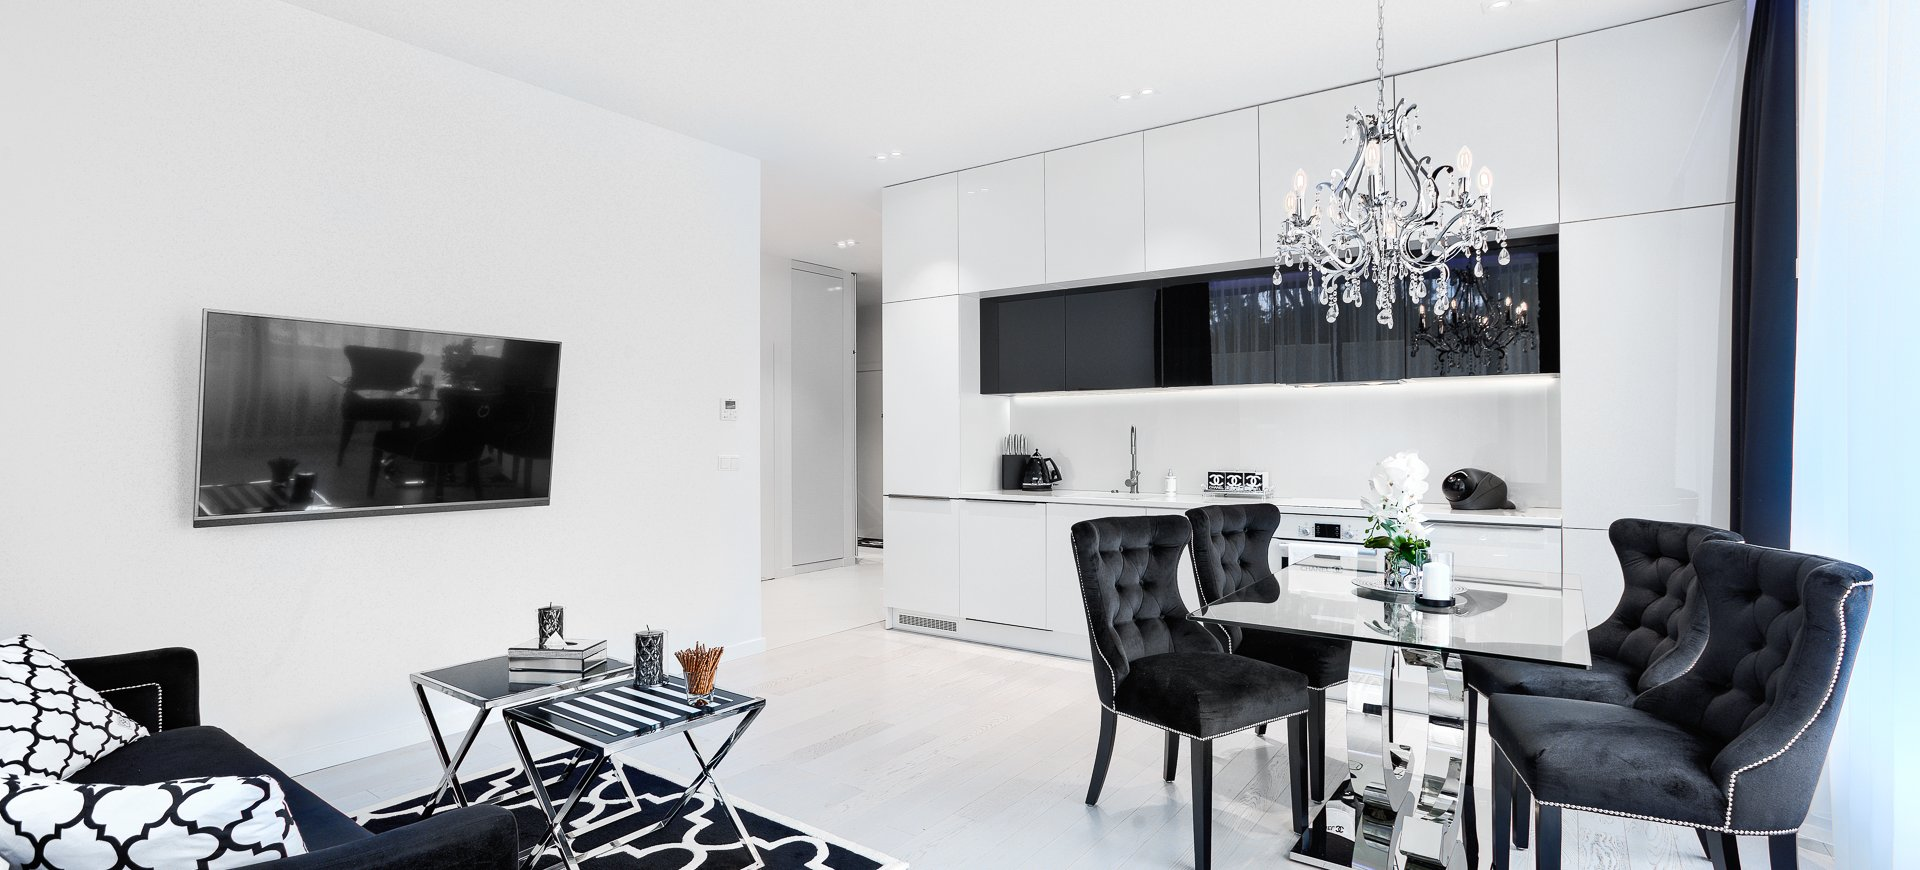 Apartament Deluxe z 1 sypialnią 0.10 B z wyjściem na ogródek